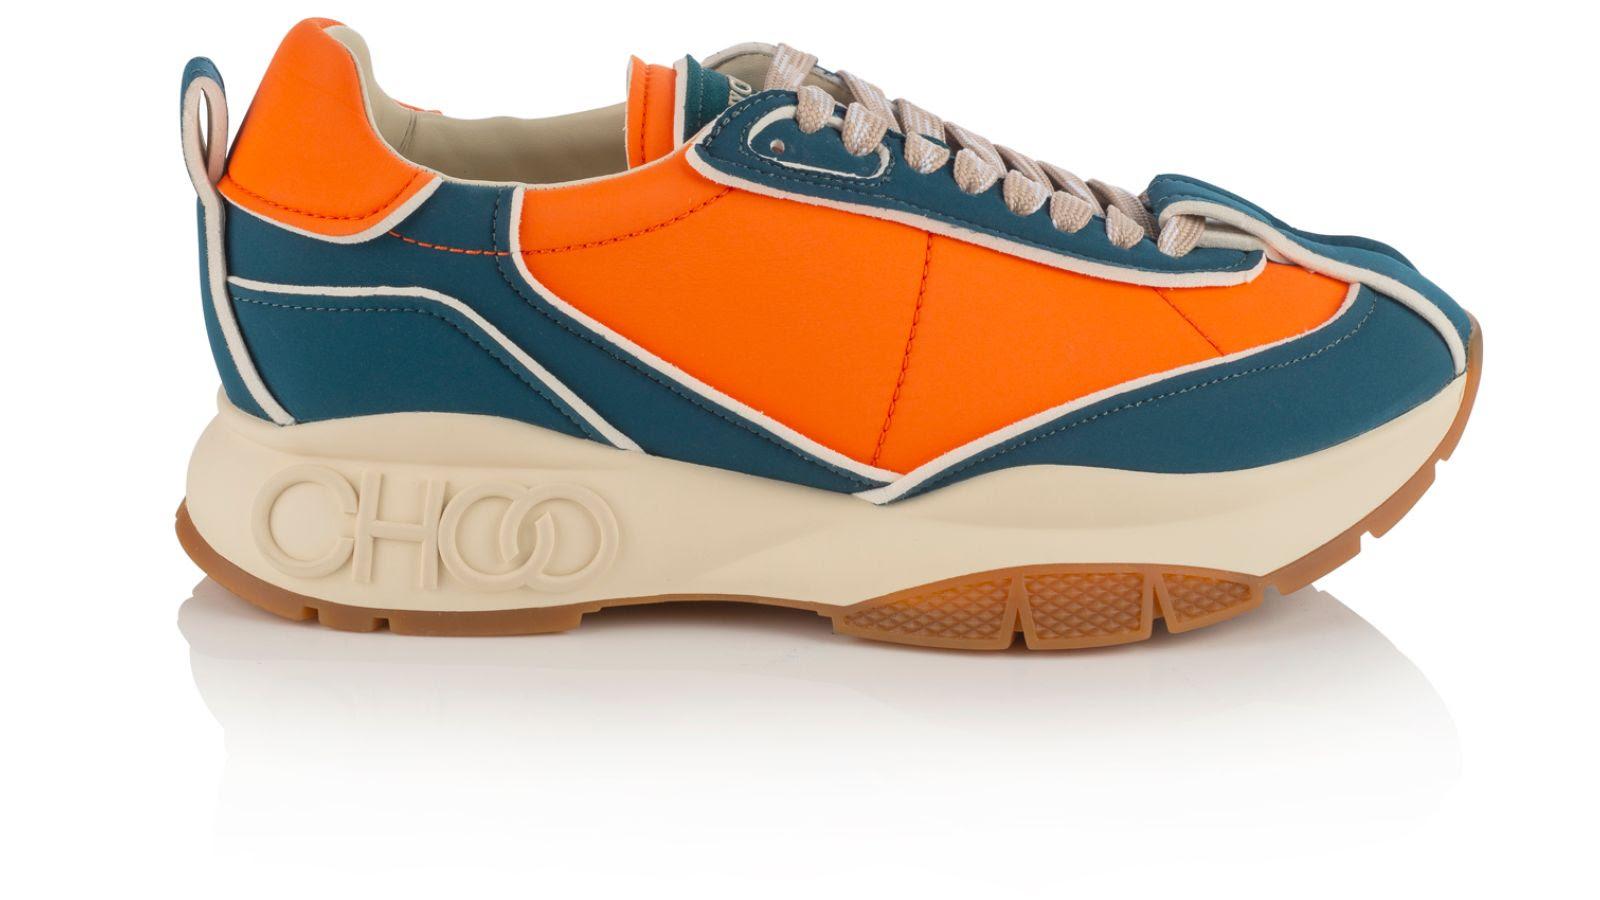 63fb6470 c3fd 466c ba3c 4b2e27ac018e - Kaia Gerber tiene la selección de prendas y calzado perfectos para hacer deporte en casa